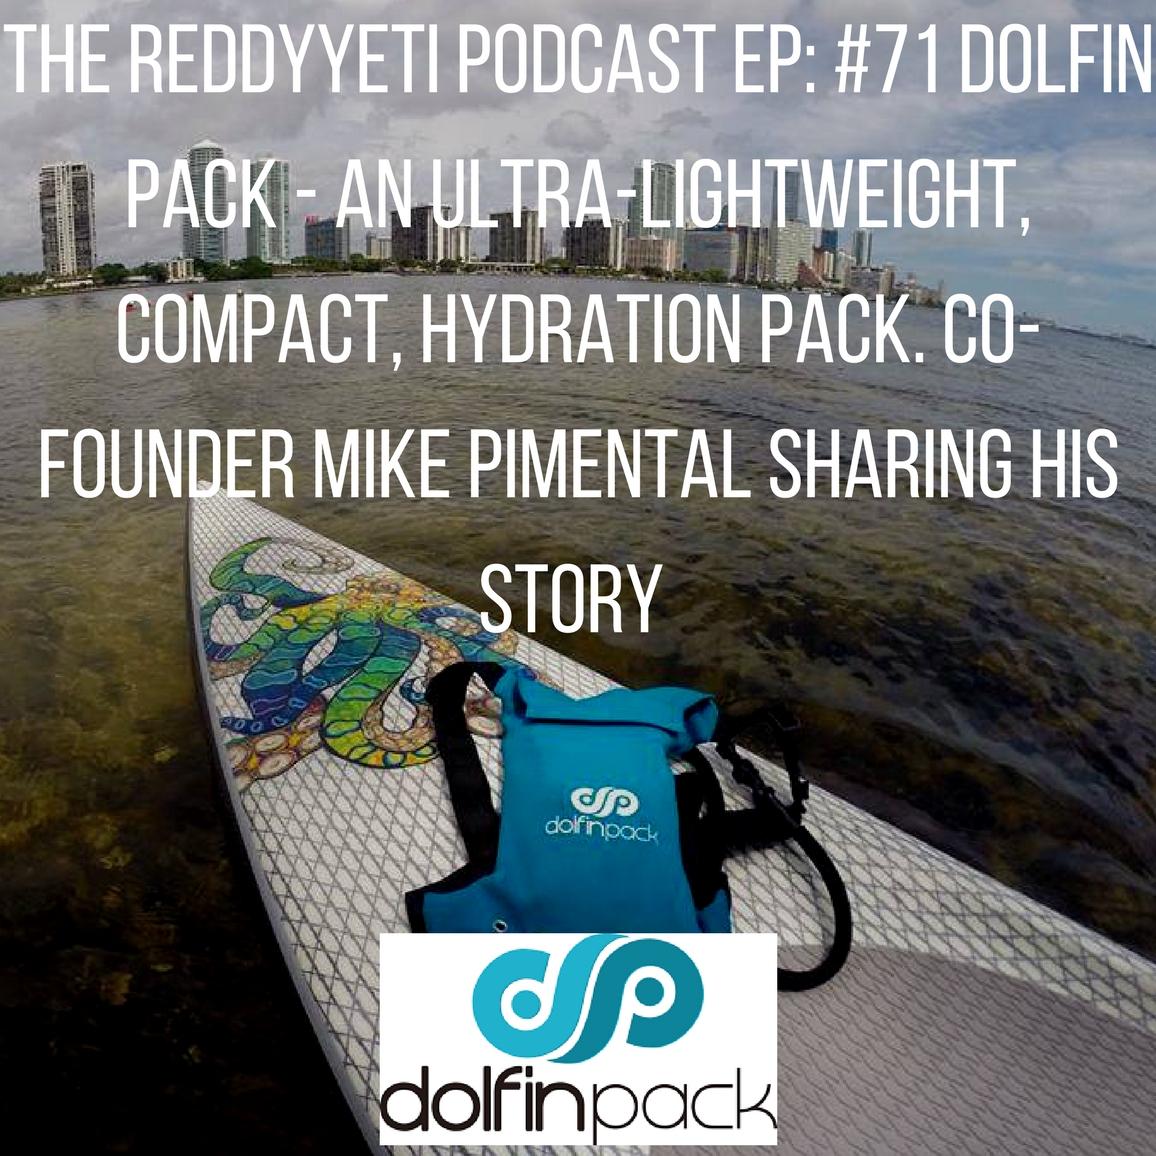 Dolfinpack Podcast image.jpg